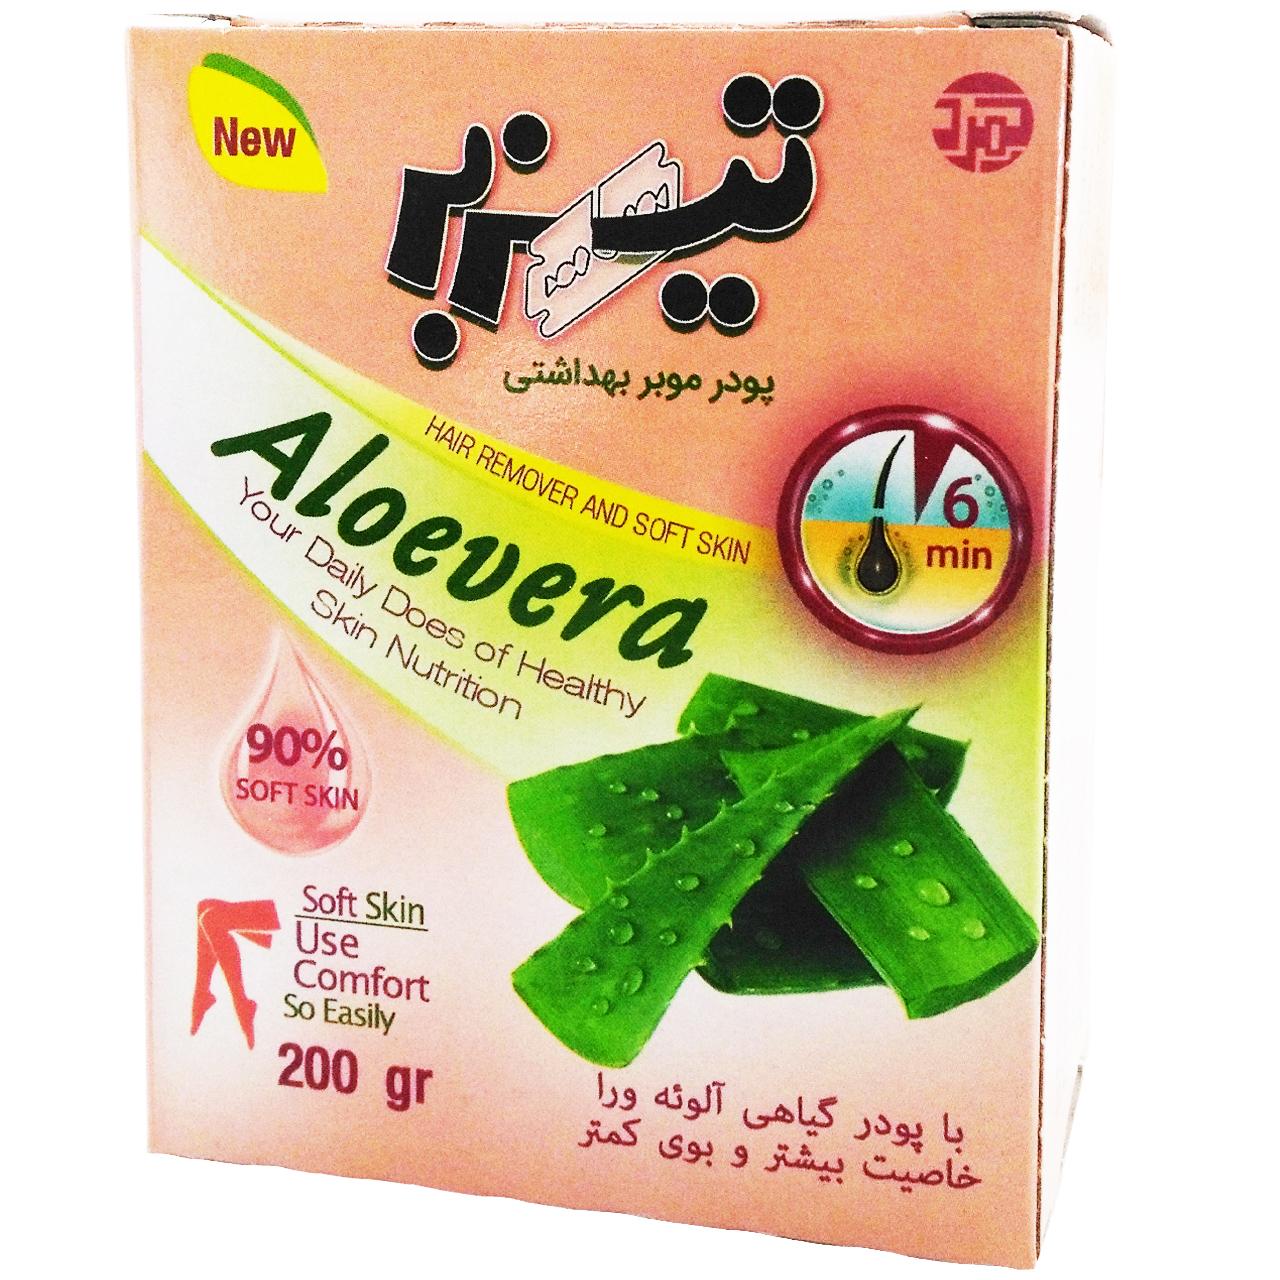 خرید                      پودر موبر تیزبر مدل Aloevera همراه با سانس خوشبو حجم 200 گرم بسته 4 عددی              ✅